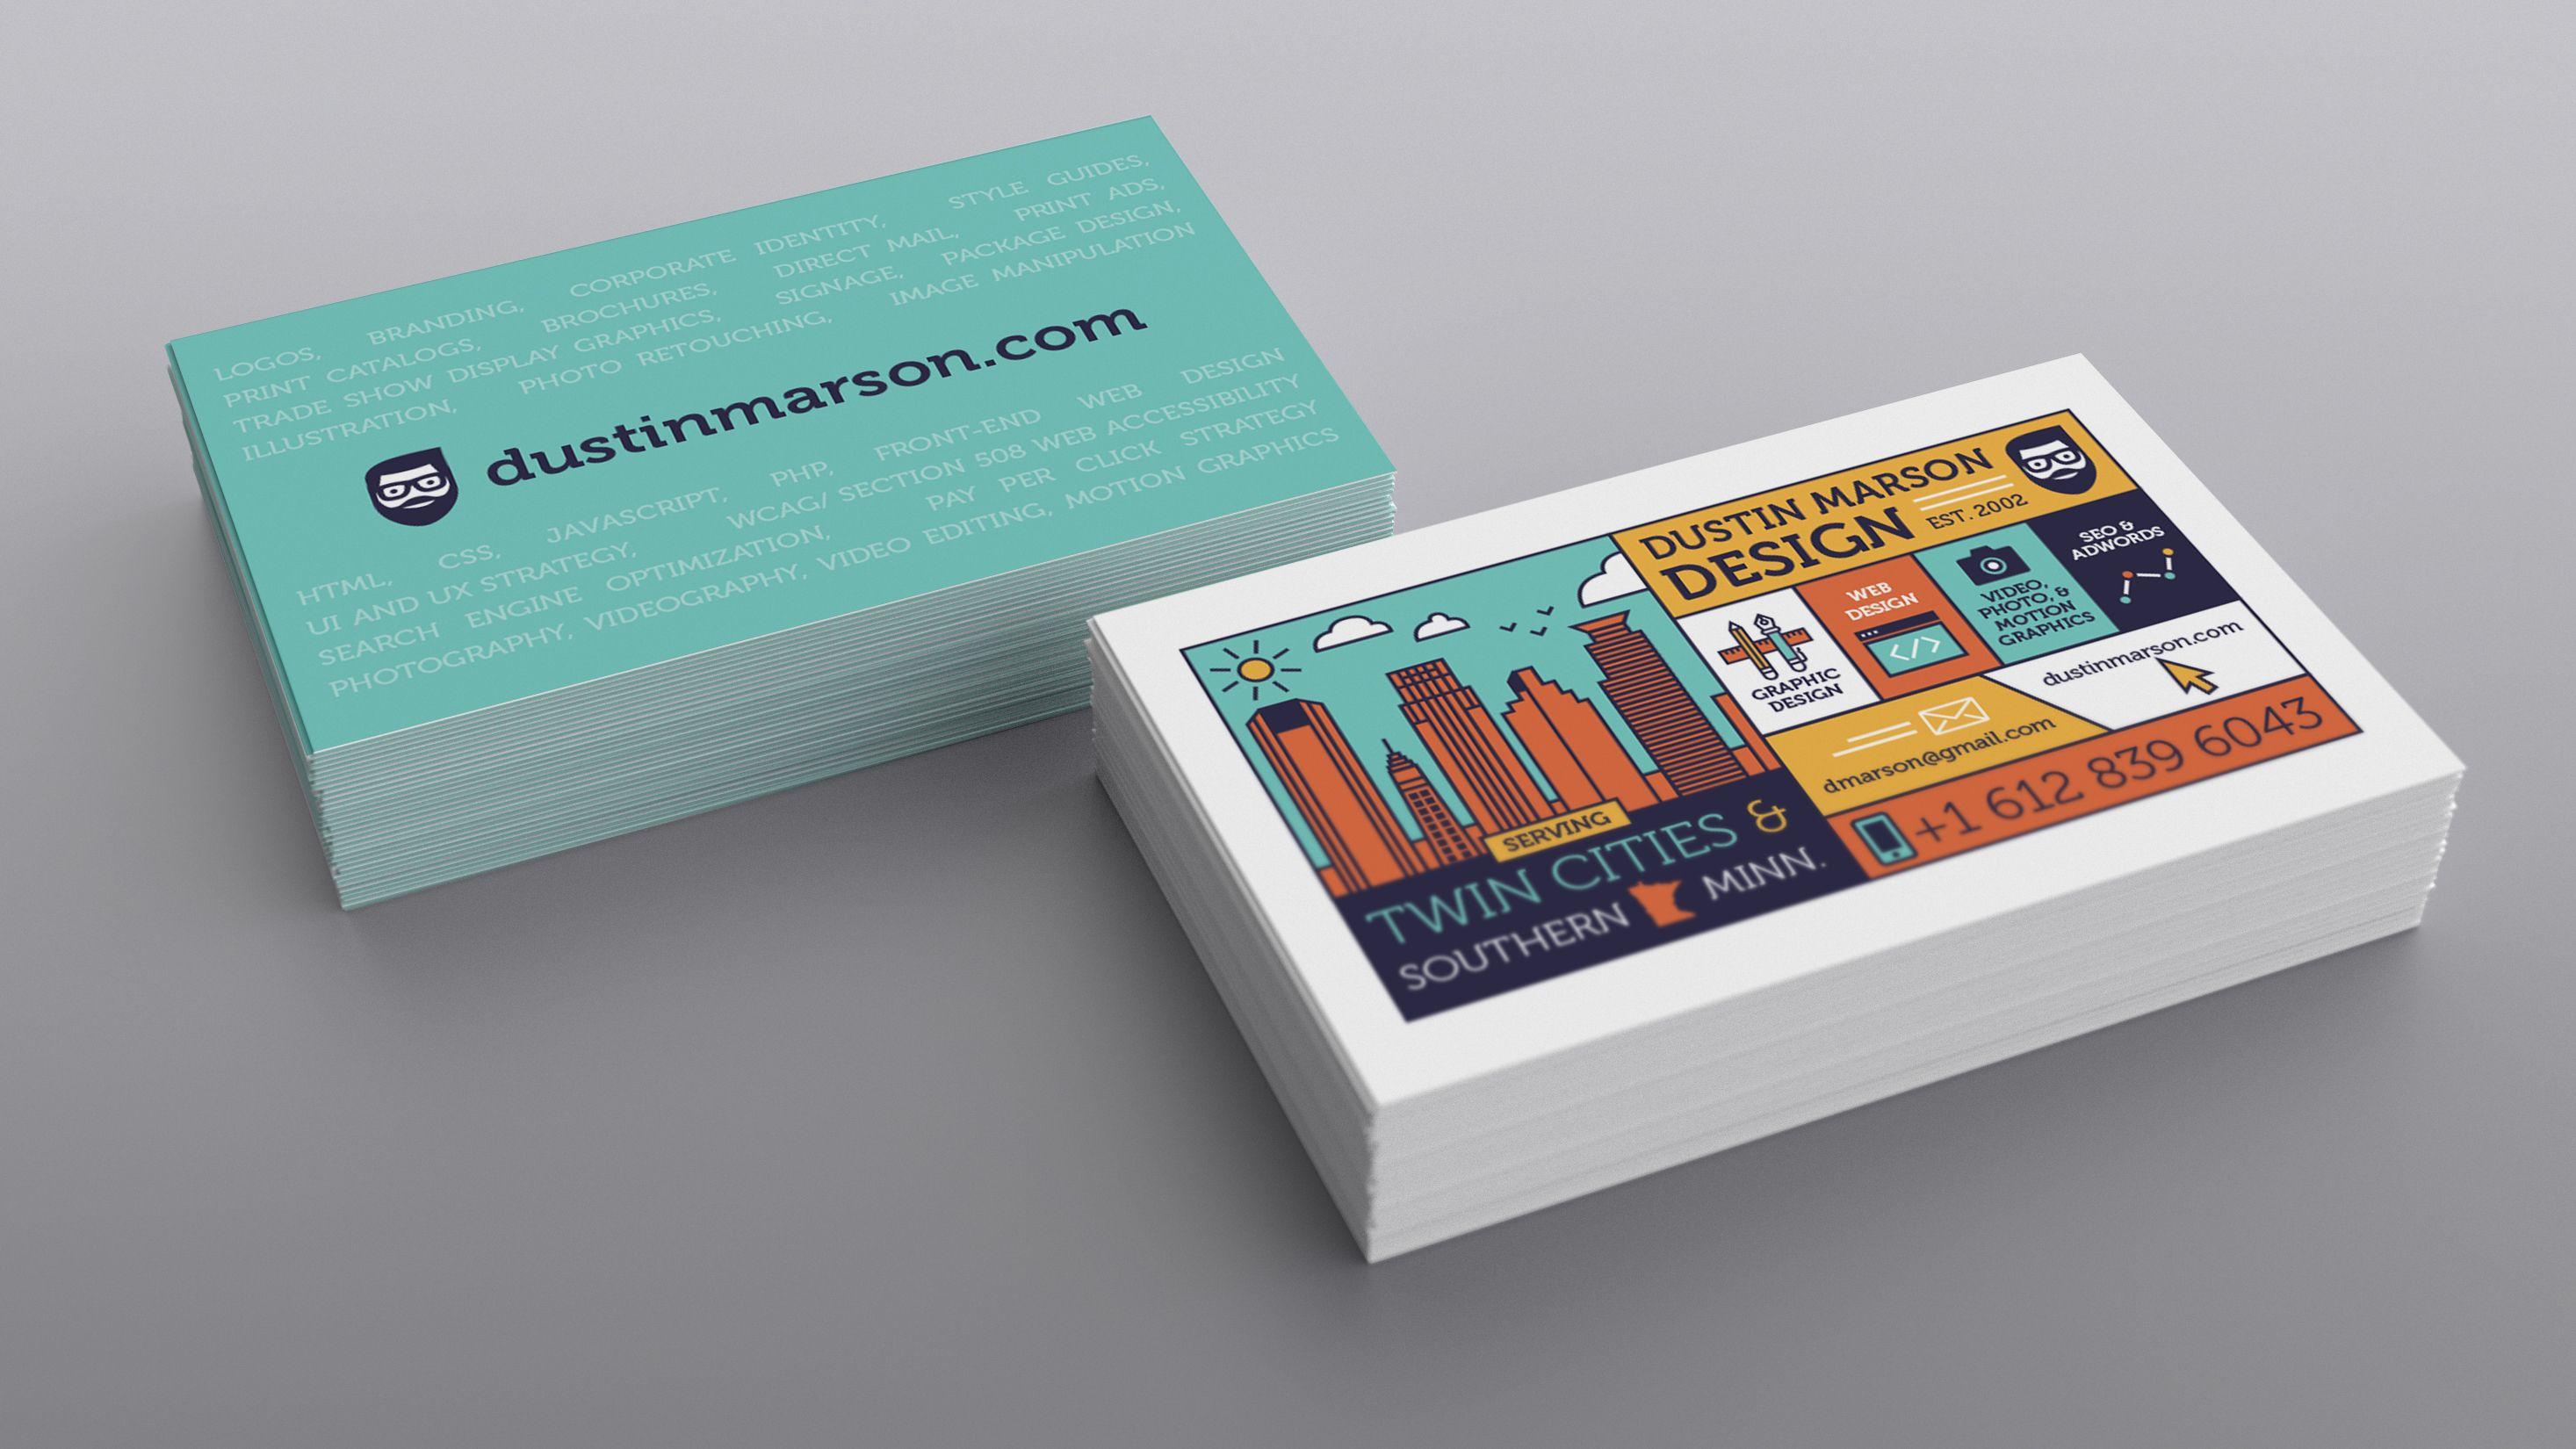 Preiswert Drucken Sie Ihre Eigenen Geschäft Karten Mit